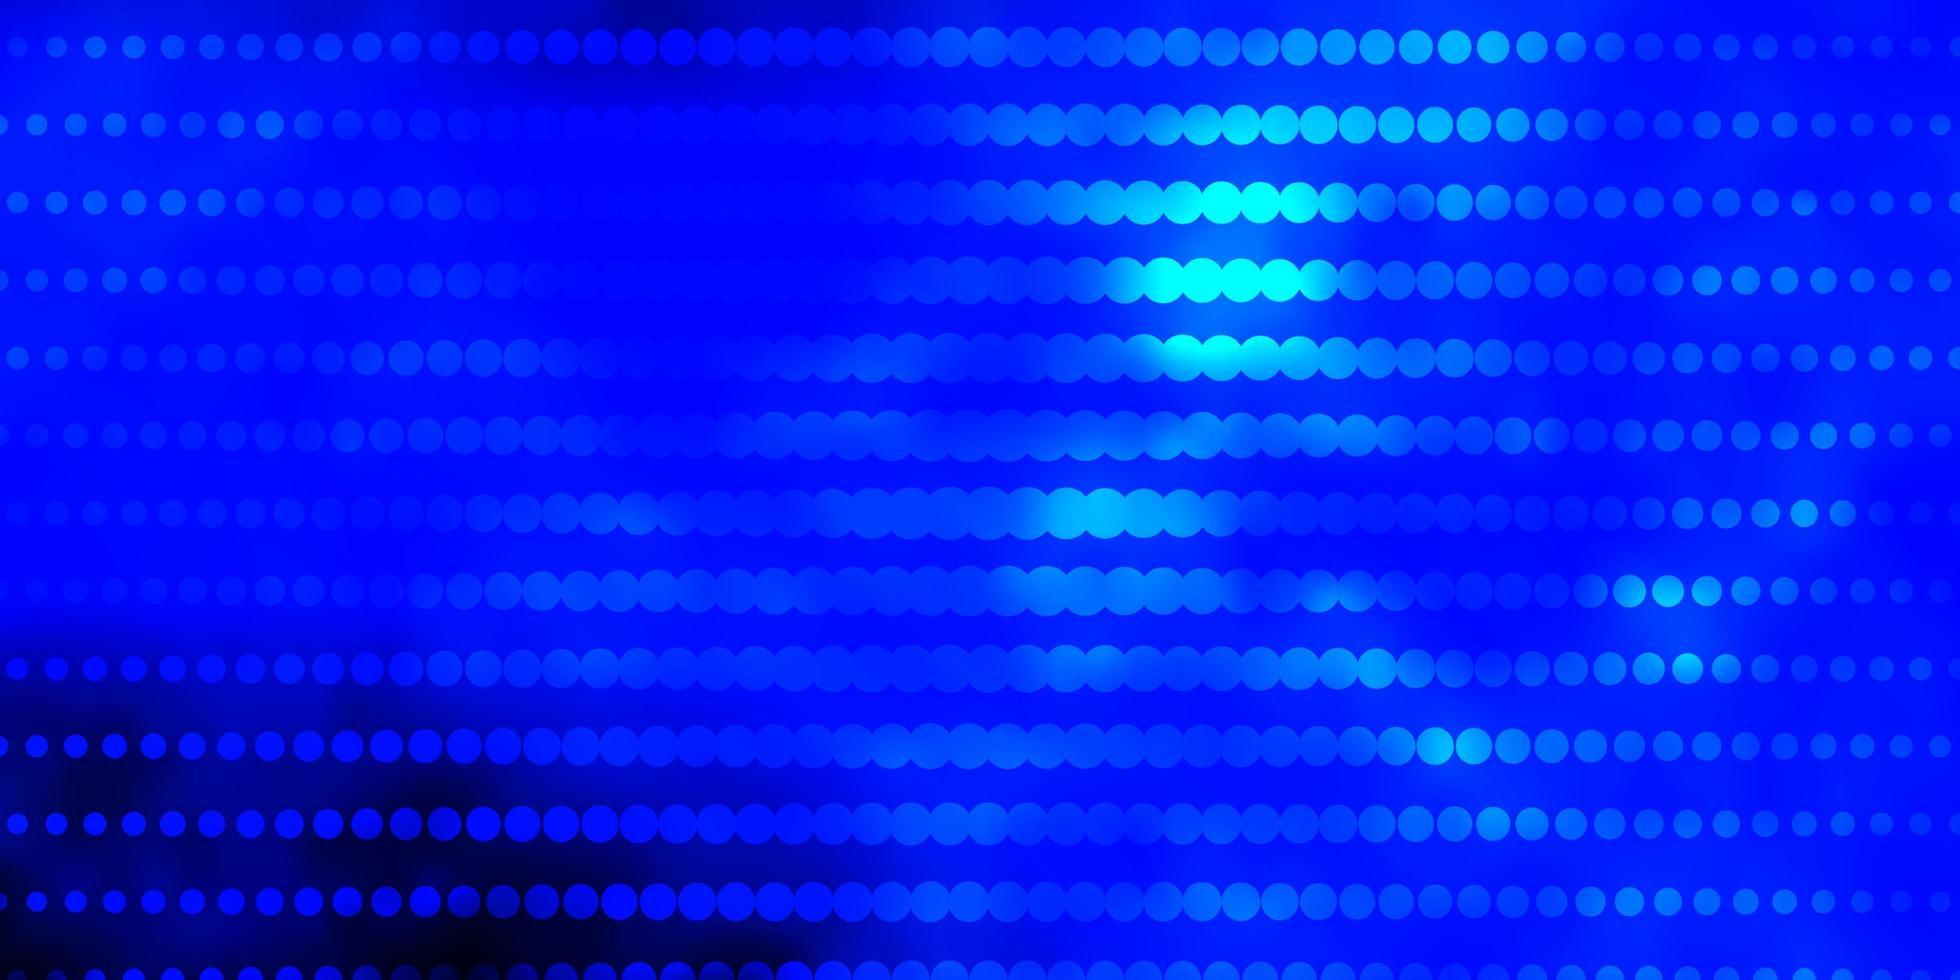 blauwe textuur met cirkels. vector